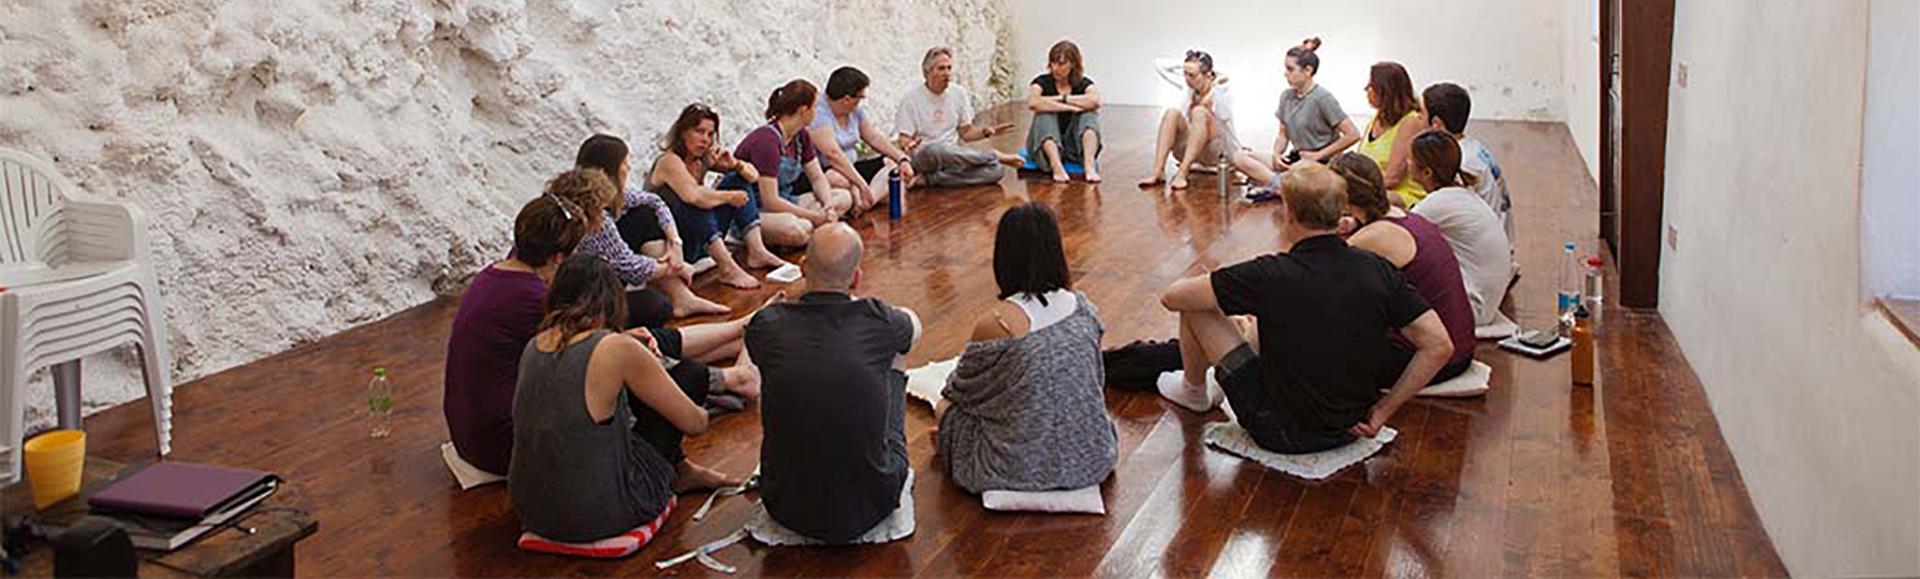 Umbria 2016: International Symposium for Directors